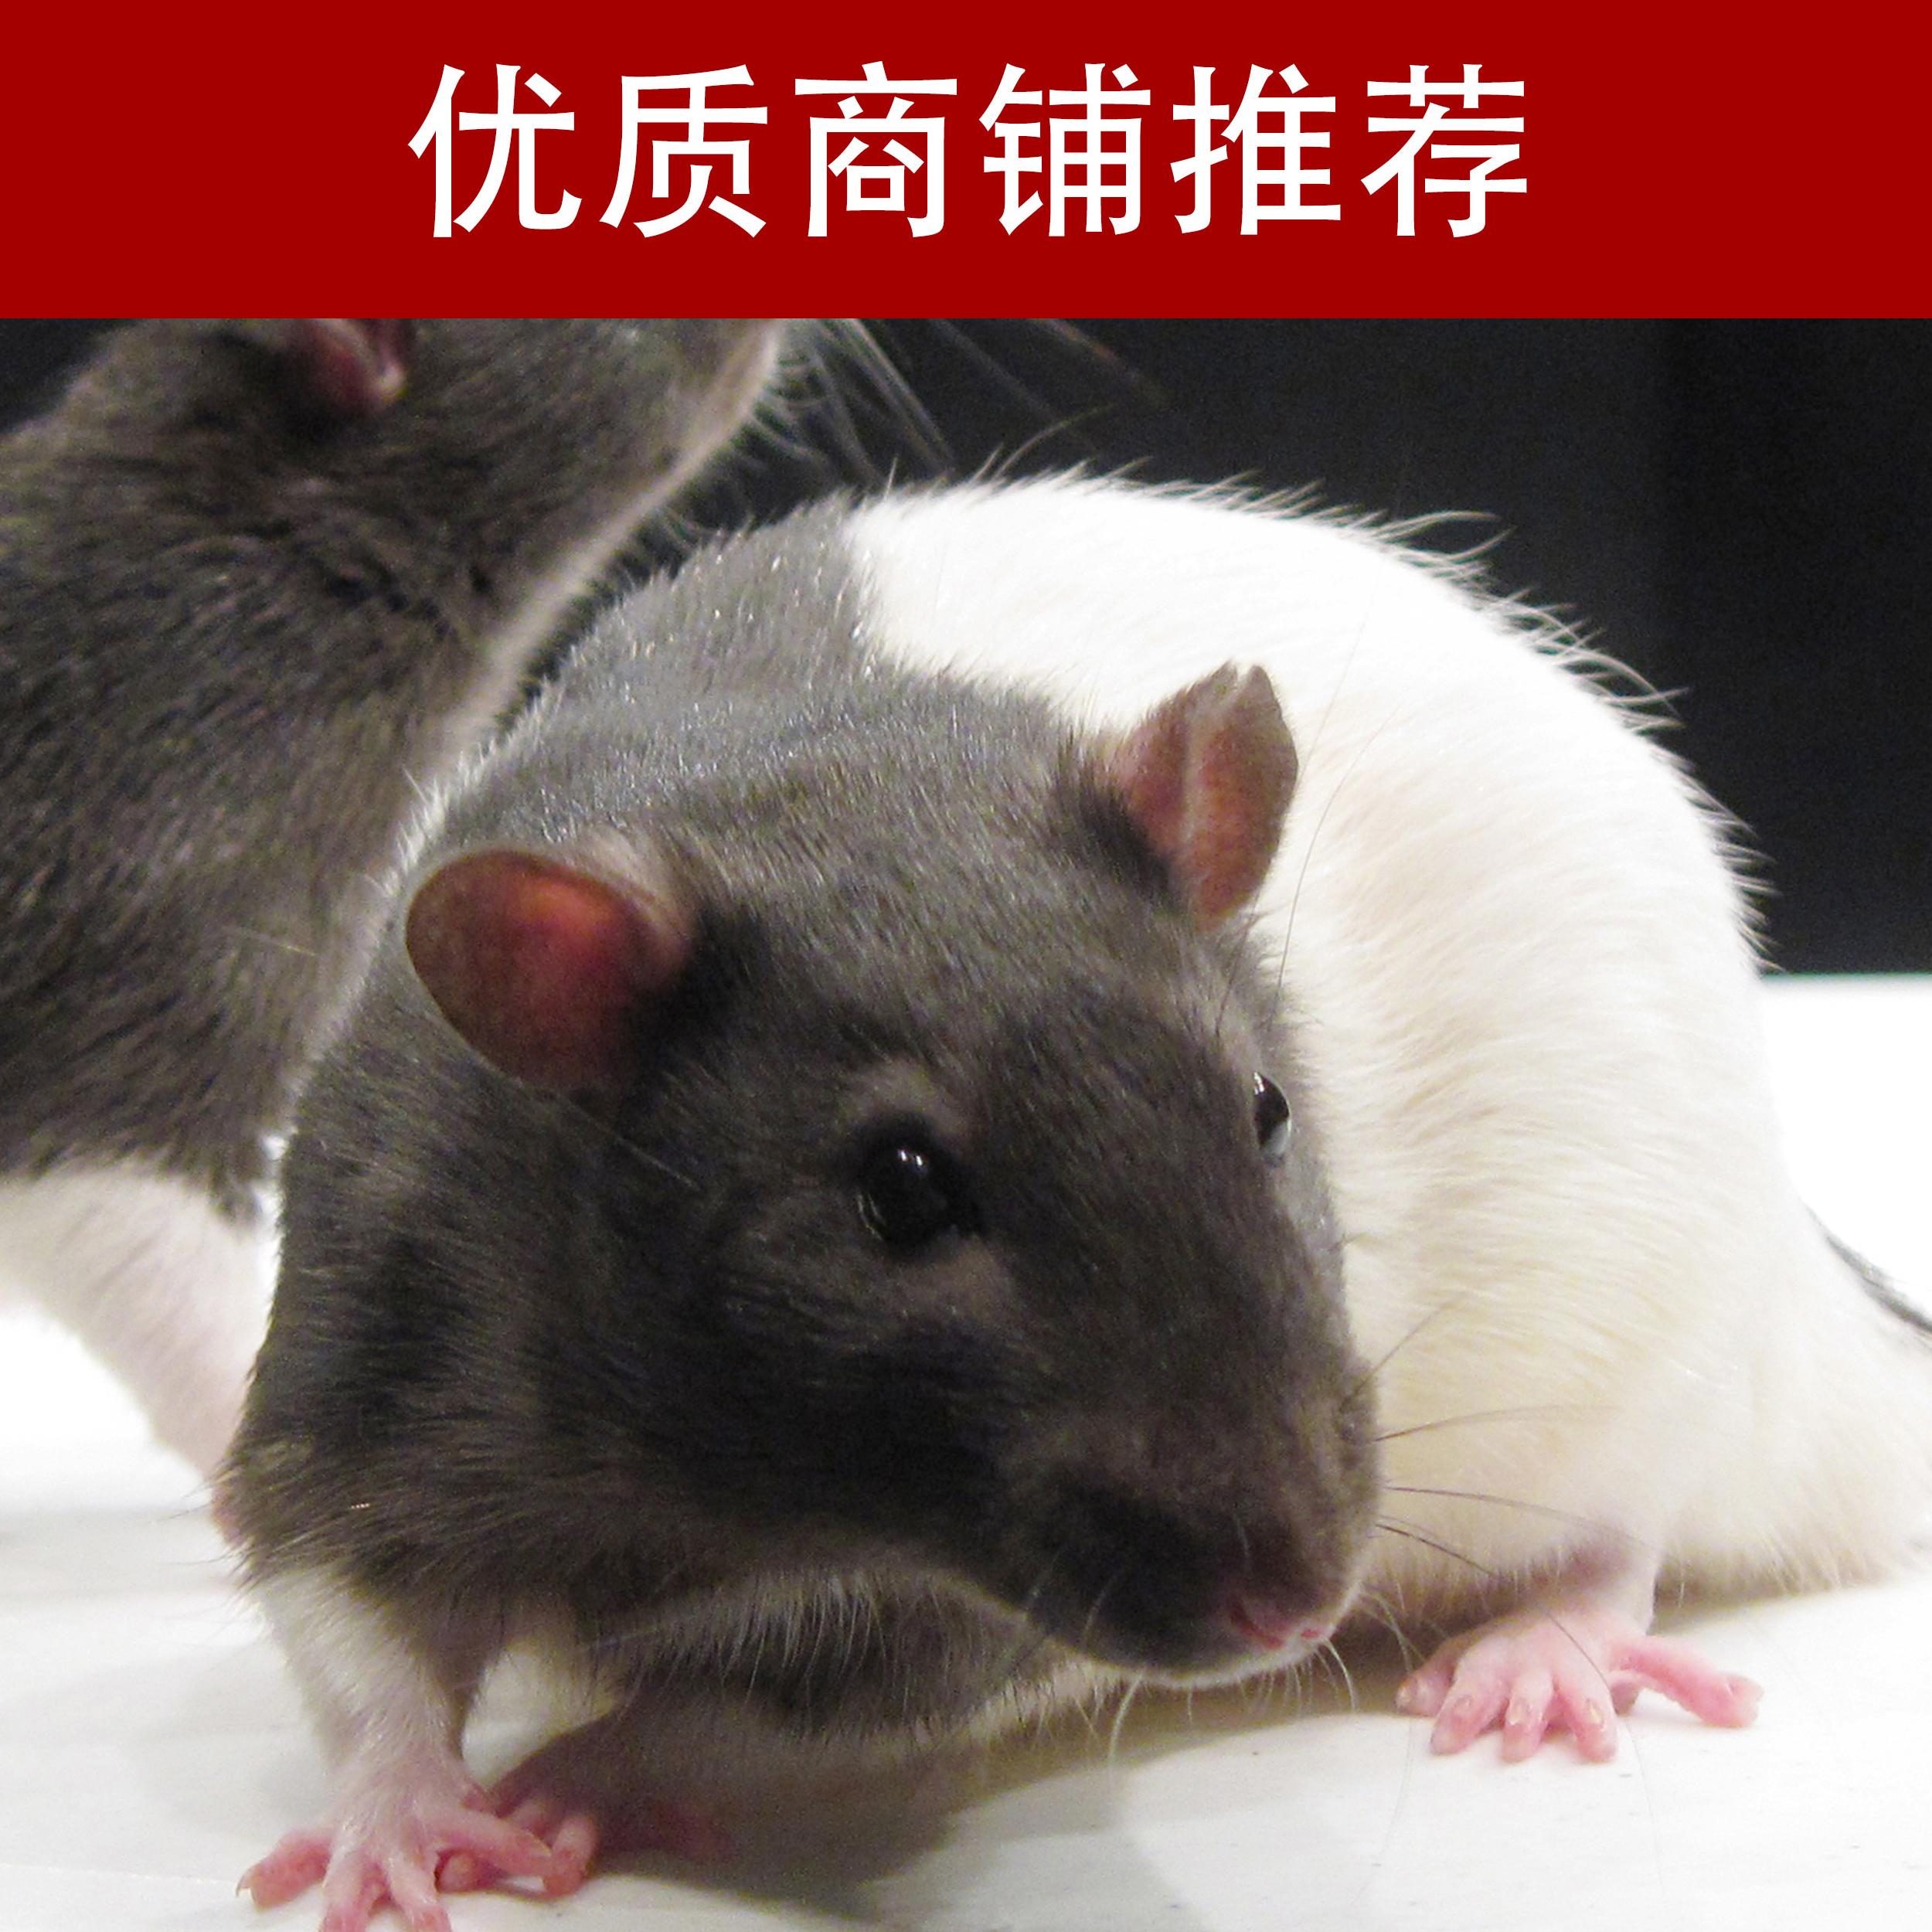 动物药理试验技术服务